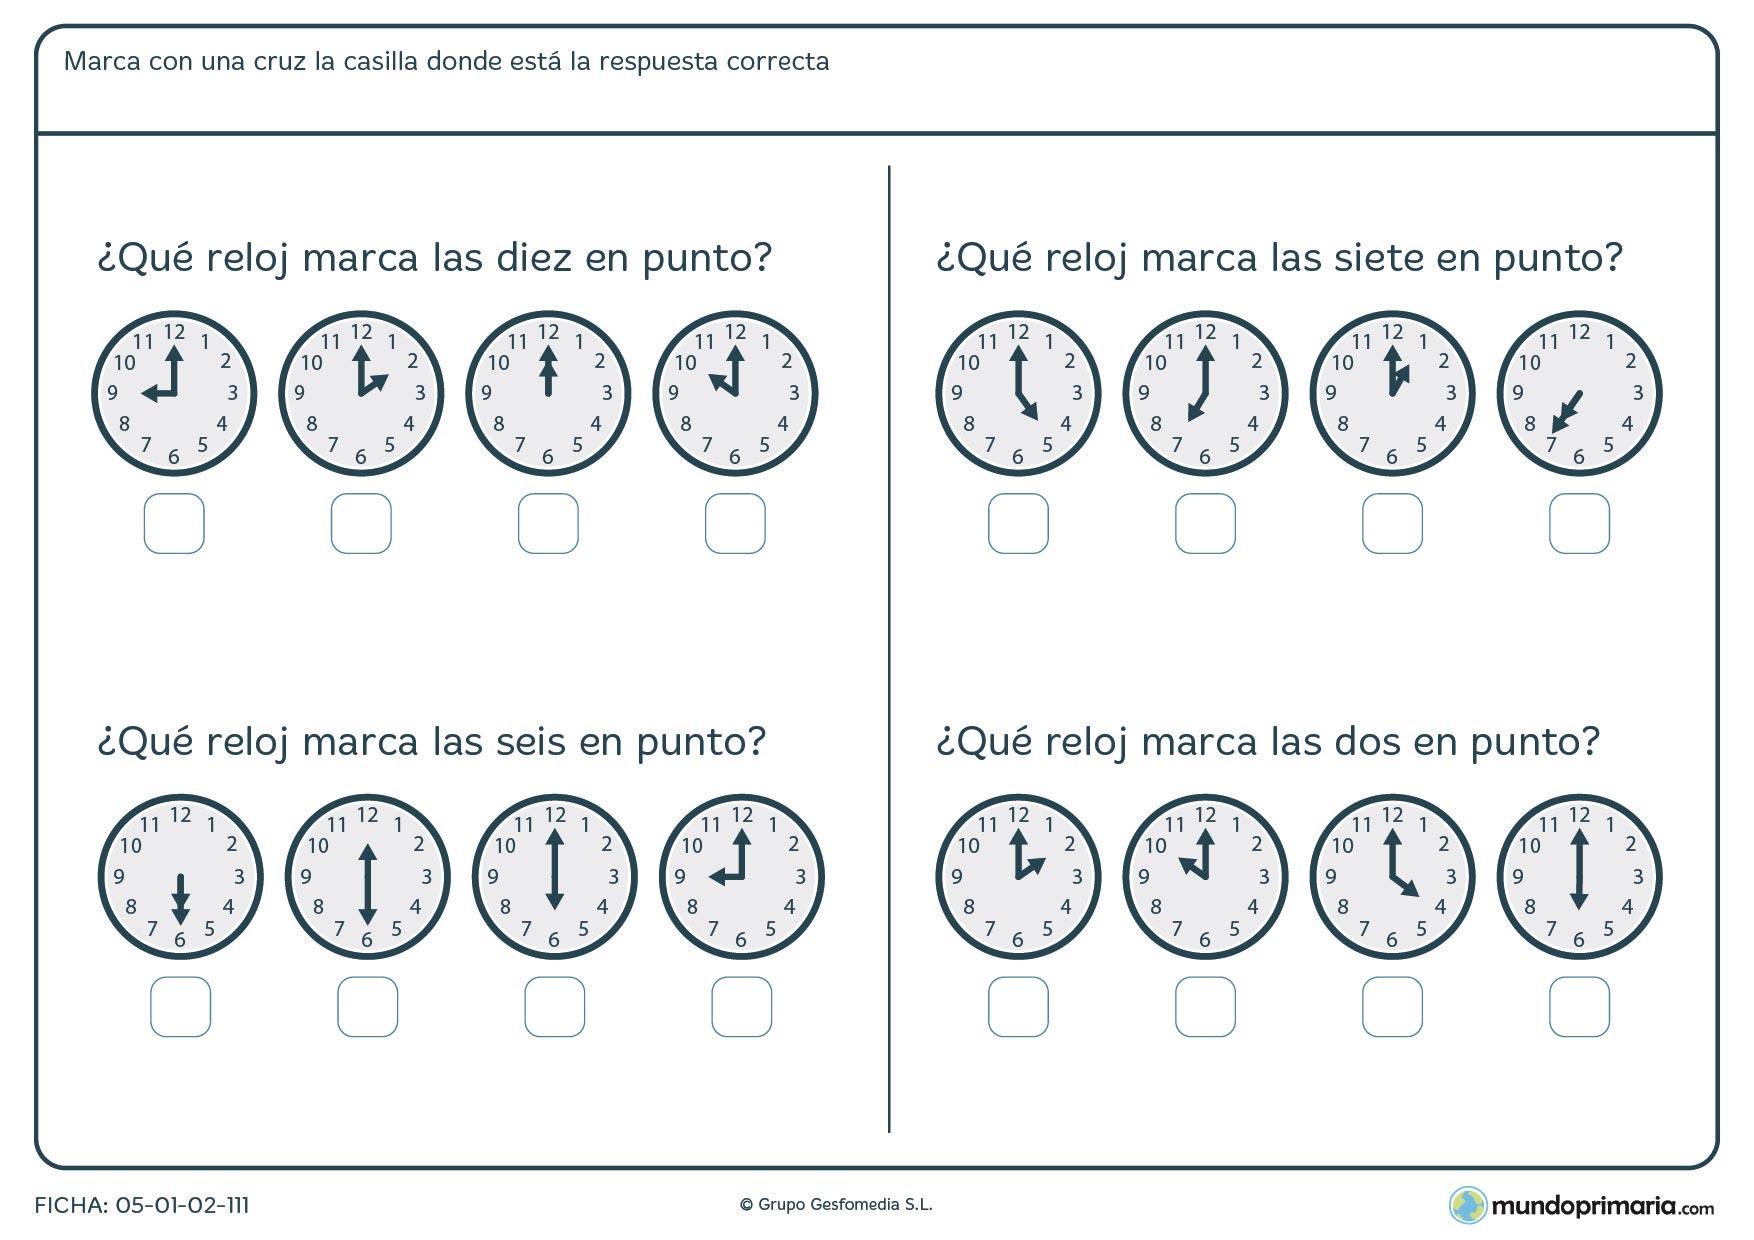 Ficha de horas en punto en la que hay que señalar los relojes que marcan la hora correcta.